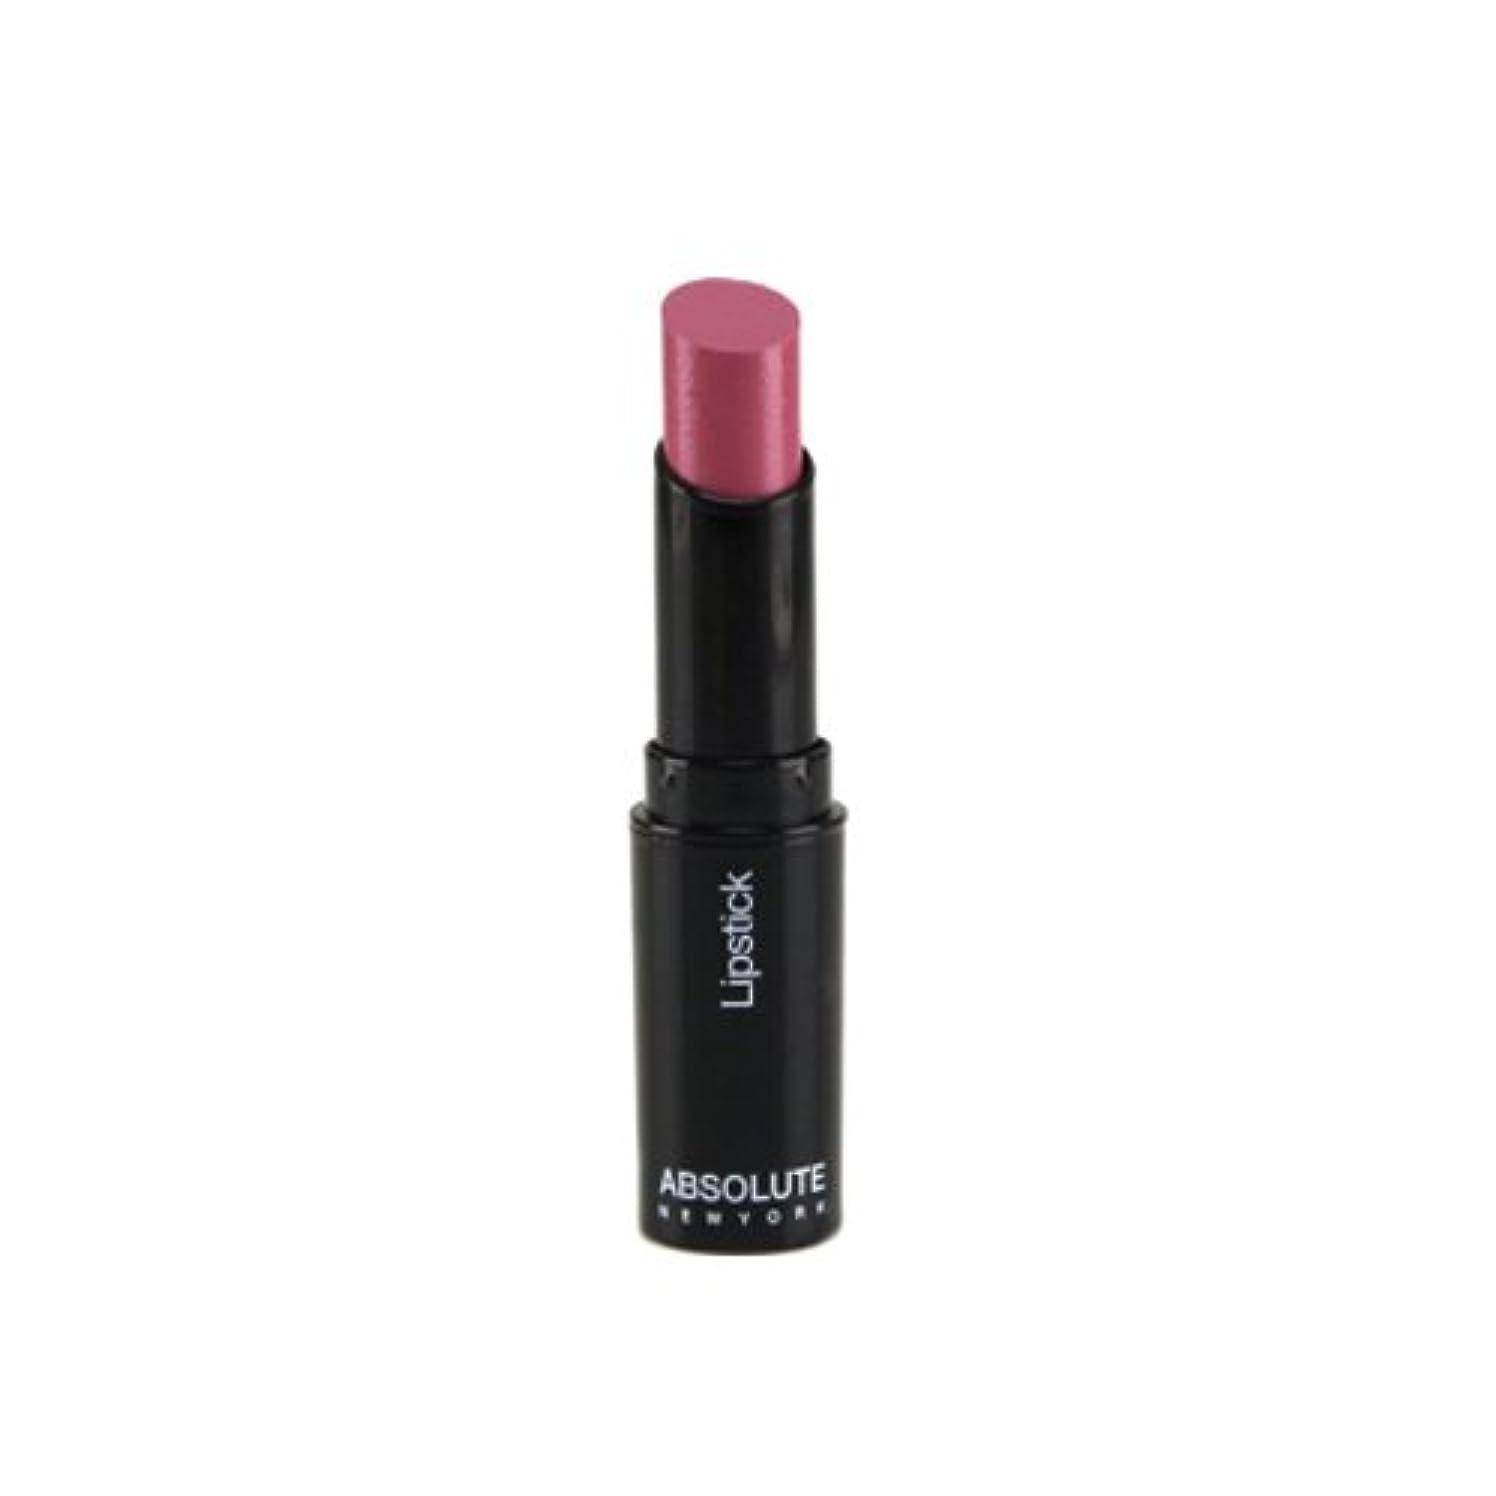 出くわす加入薄汚い(6 Pack) ABSOLUTE Ultra Slick Lipstick - Vivid (並行輸入品)